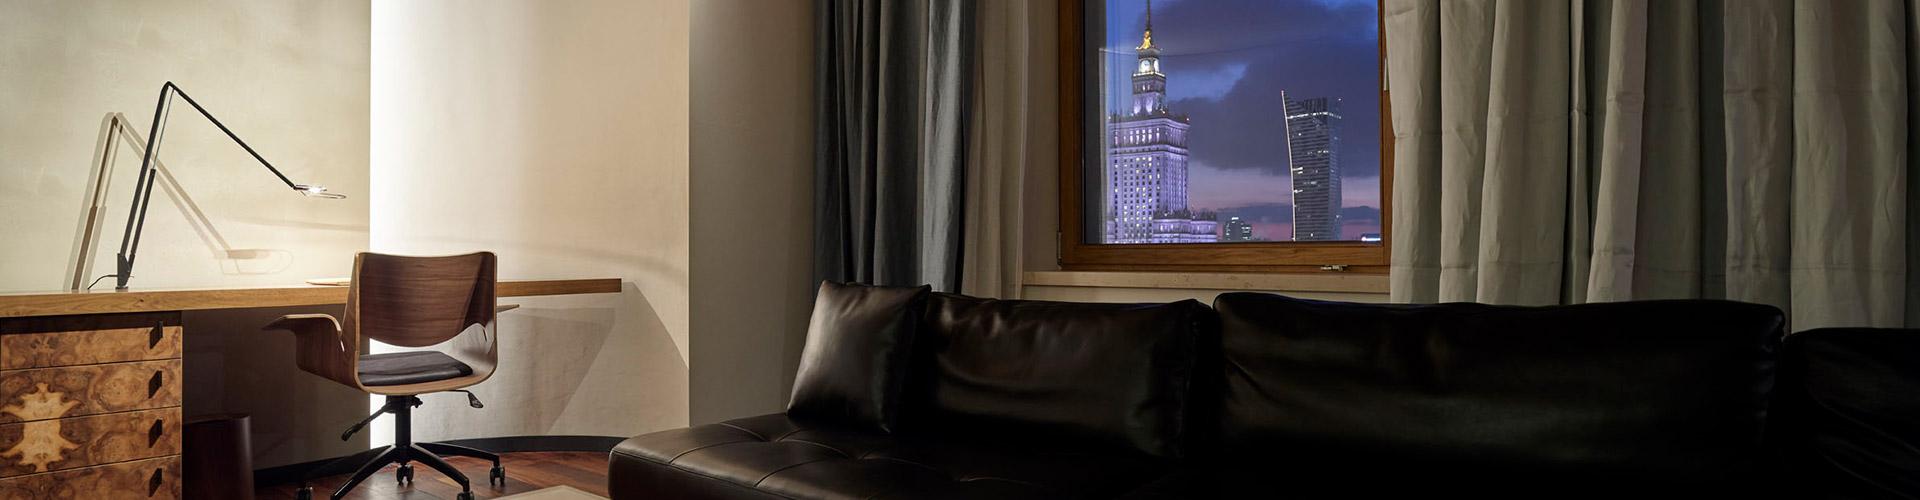 Hotel-warszawa-pieciogwiazkowy-hotel-w-centrum-warszawy-apartament-standard